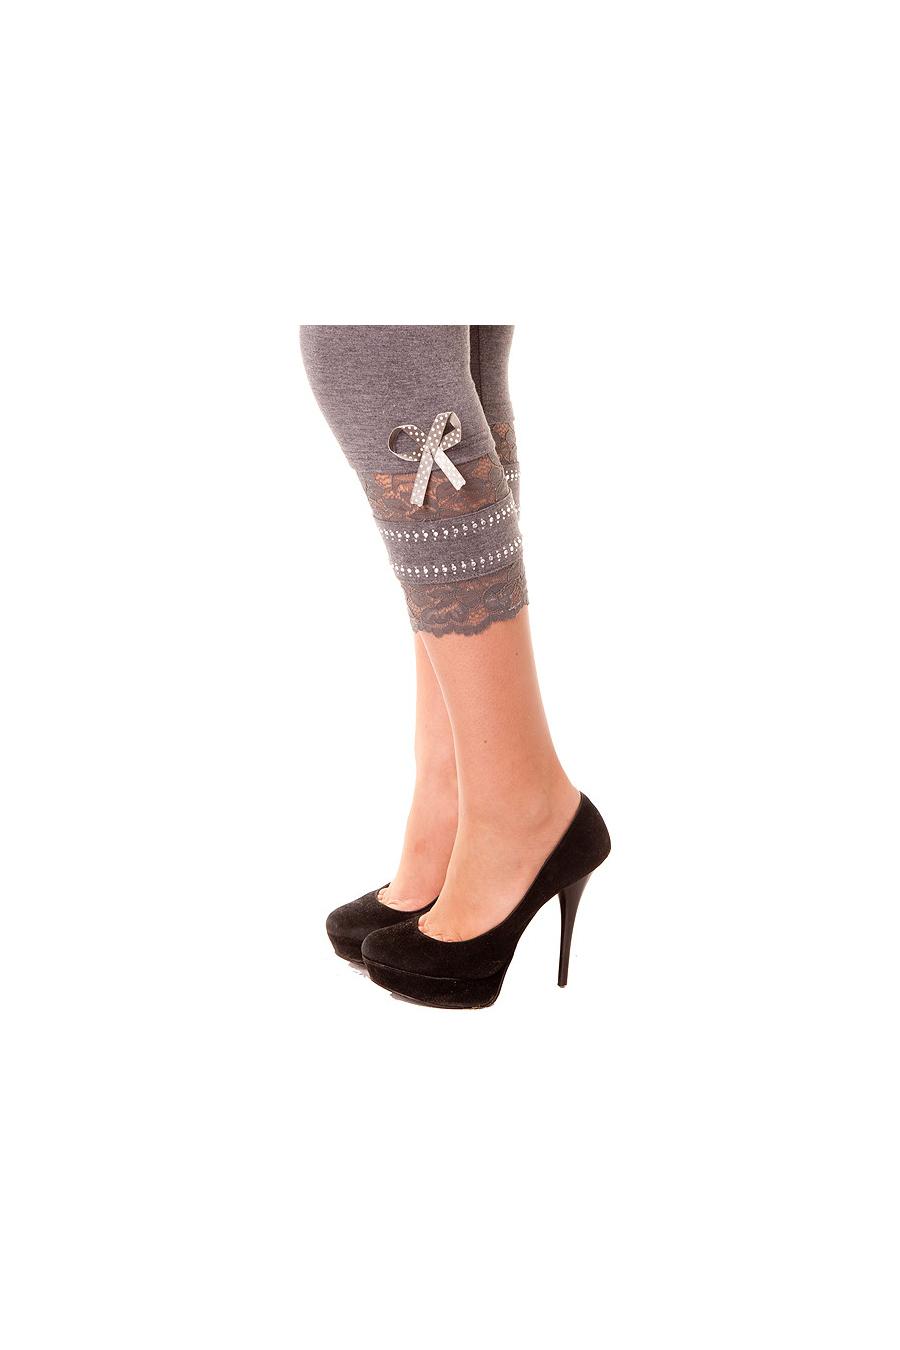 Joli leggins gris avec dentelle et strass sur le bas. Mode femme. 262